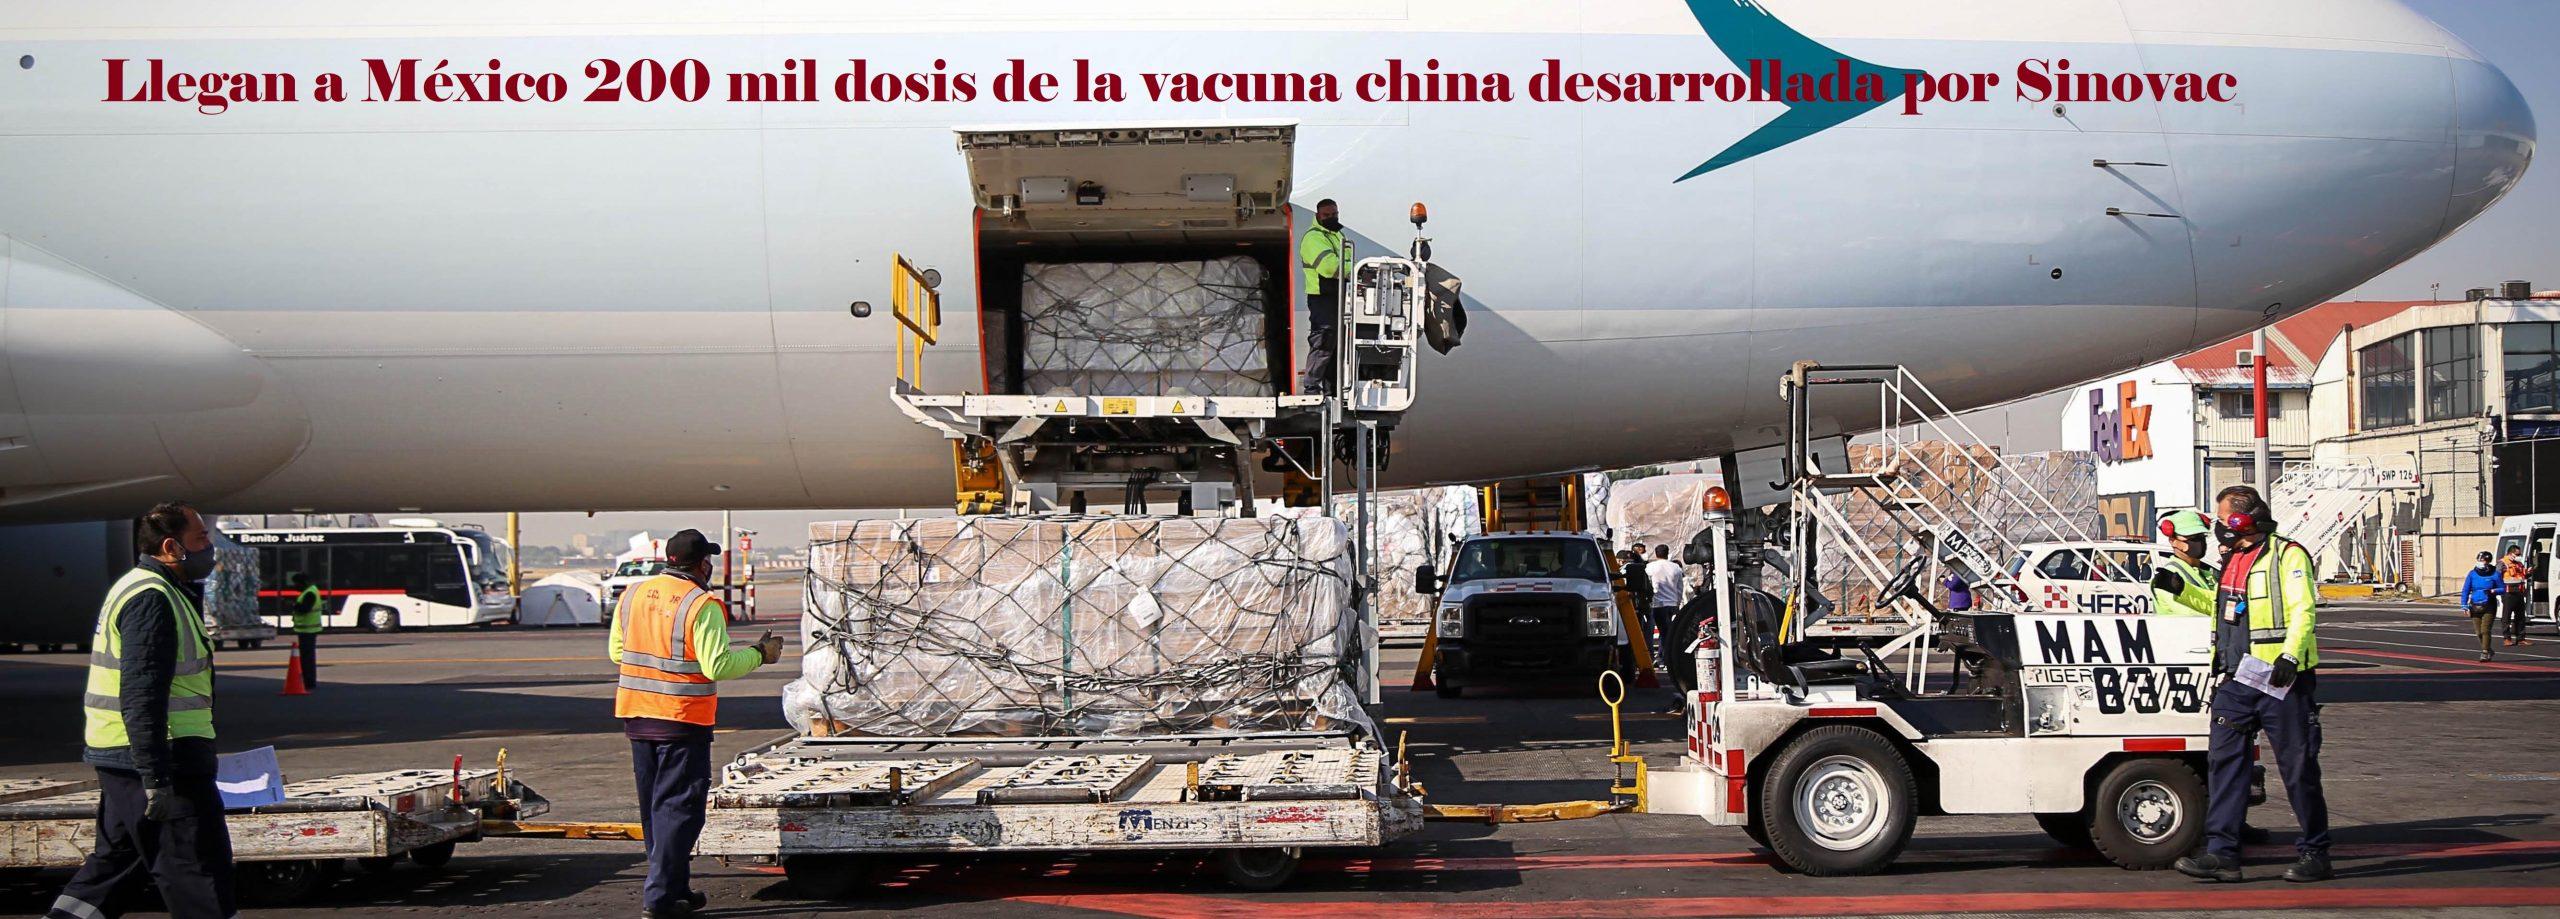 Llegan a México 200 mil dosis de la vacuna china desarrollada por Sinovac